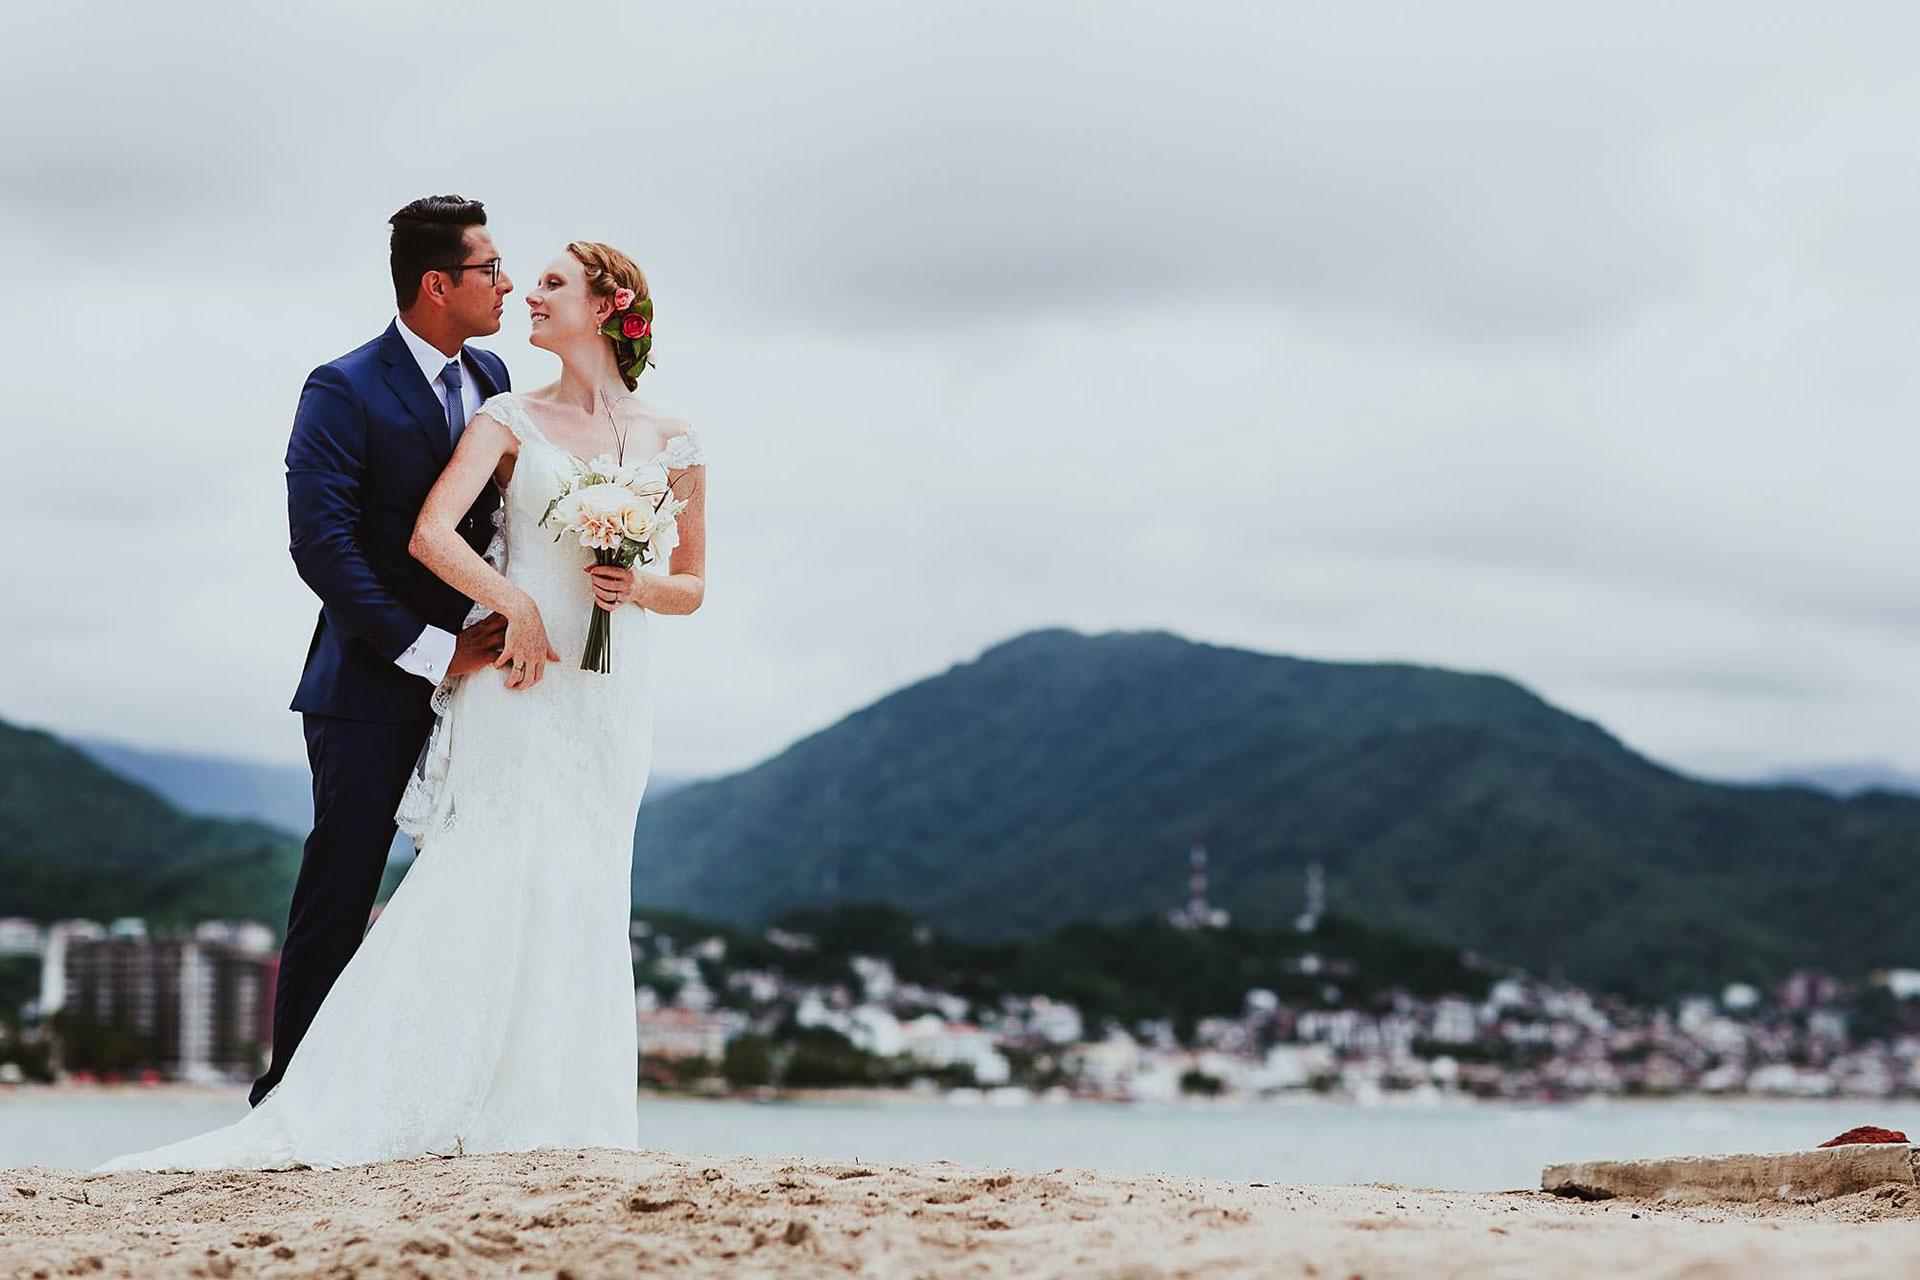 Caitlin & Obed - Puerto Vallarta Wedding